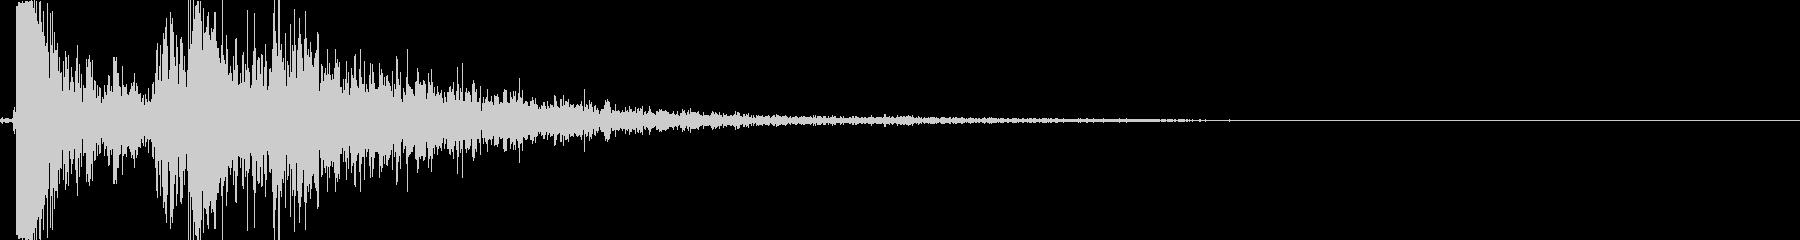 スナイパーライフルの狙撃音の未再生の波形